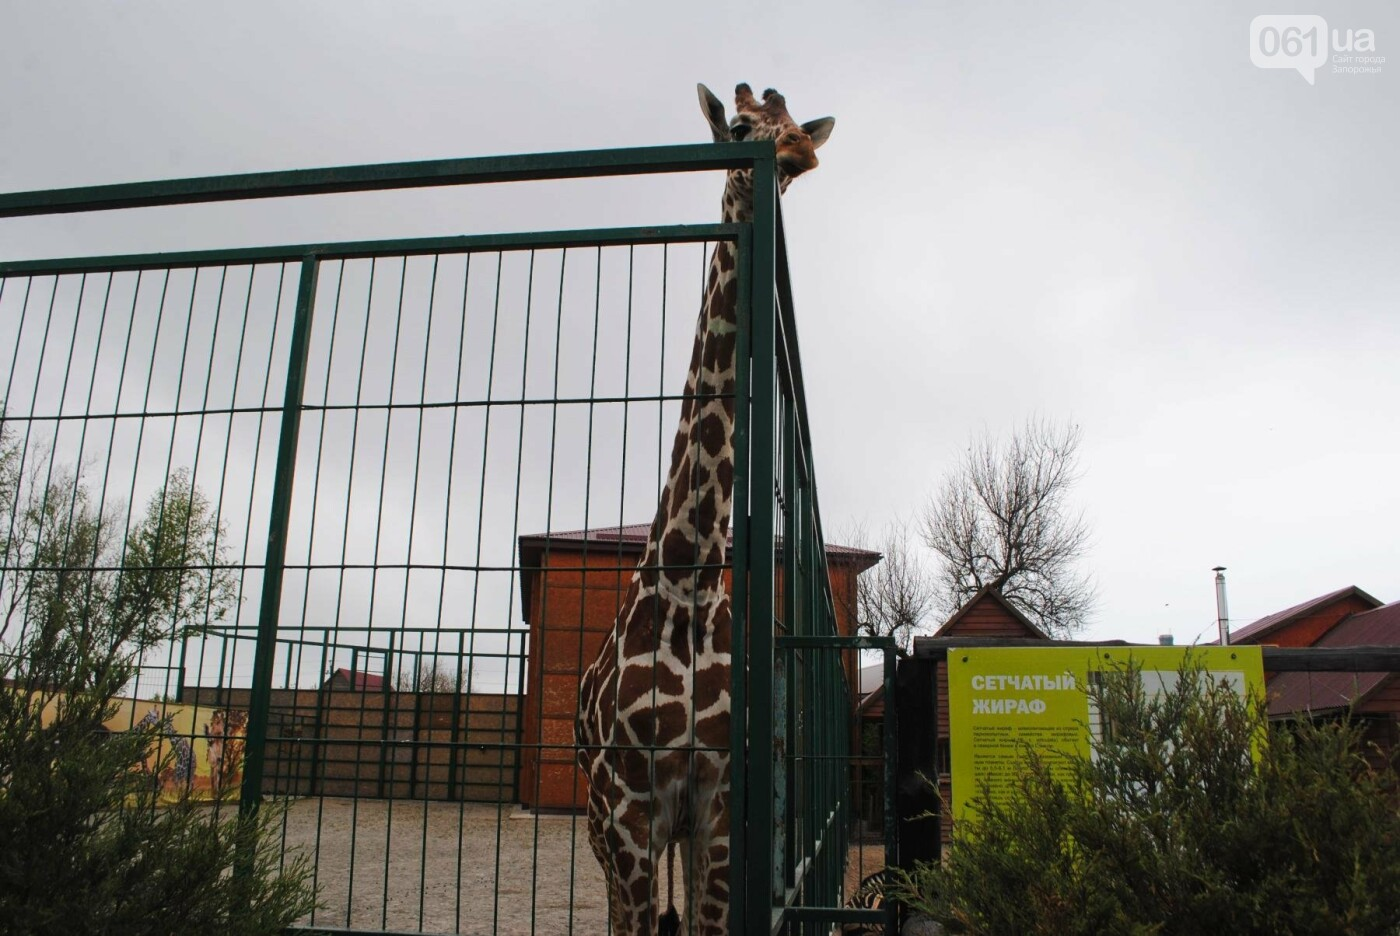 В бердянском зоопарке появились кенгуру: они любят хлеб и скоро станут ручными, - ФОТОРЕПОРТАЖ, фото-25